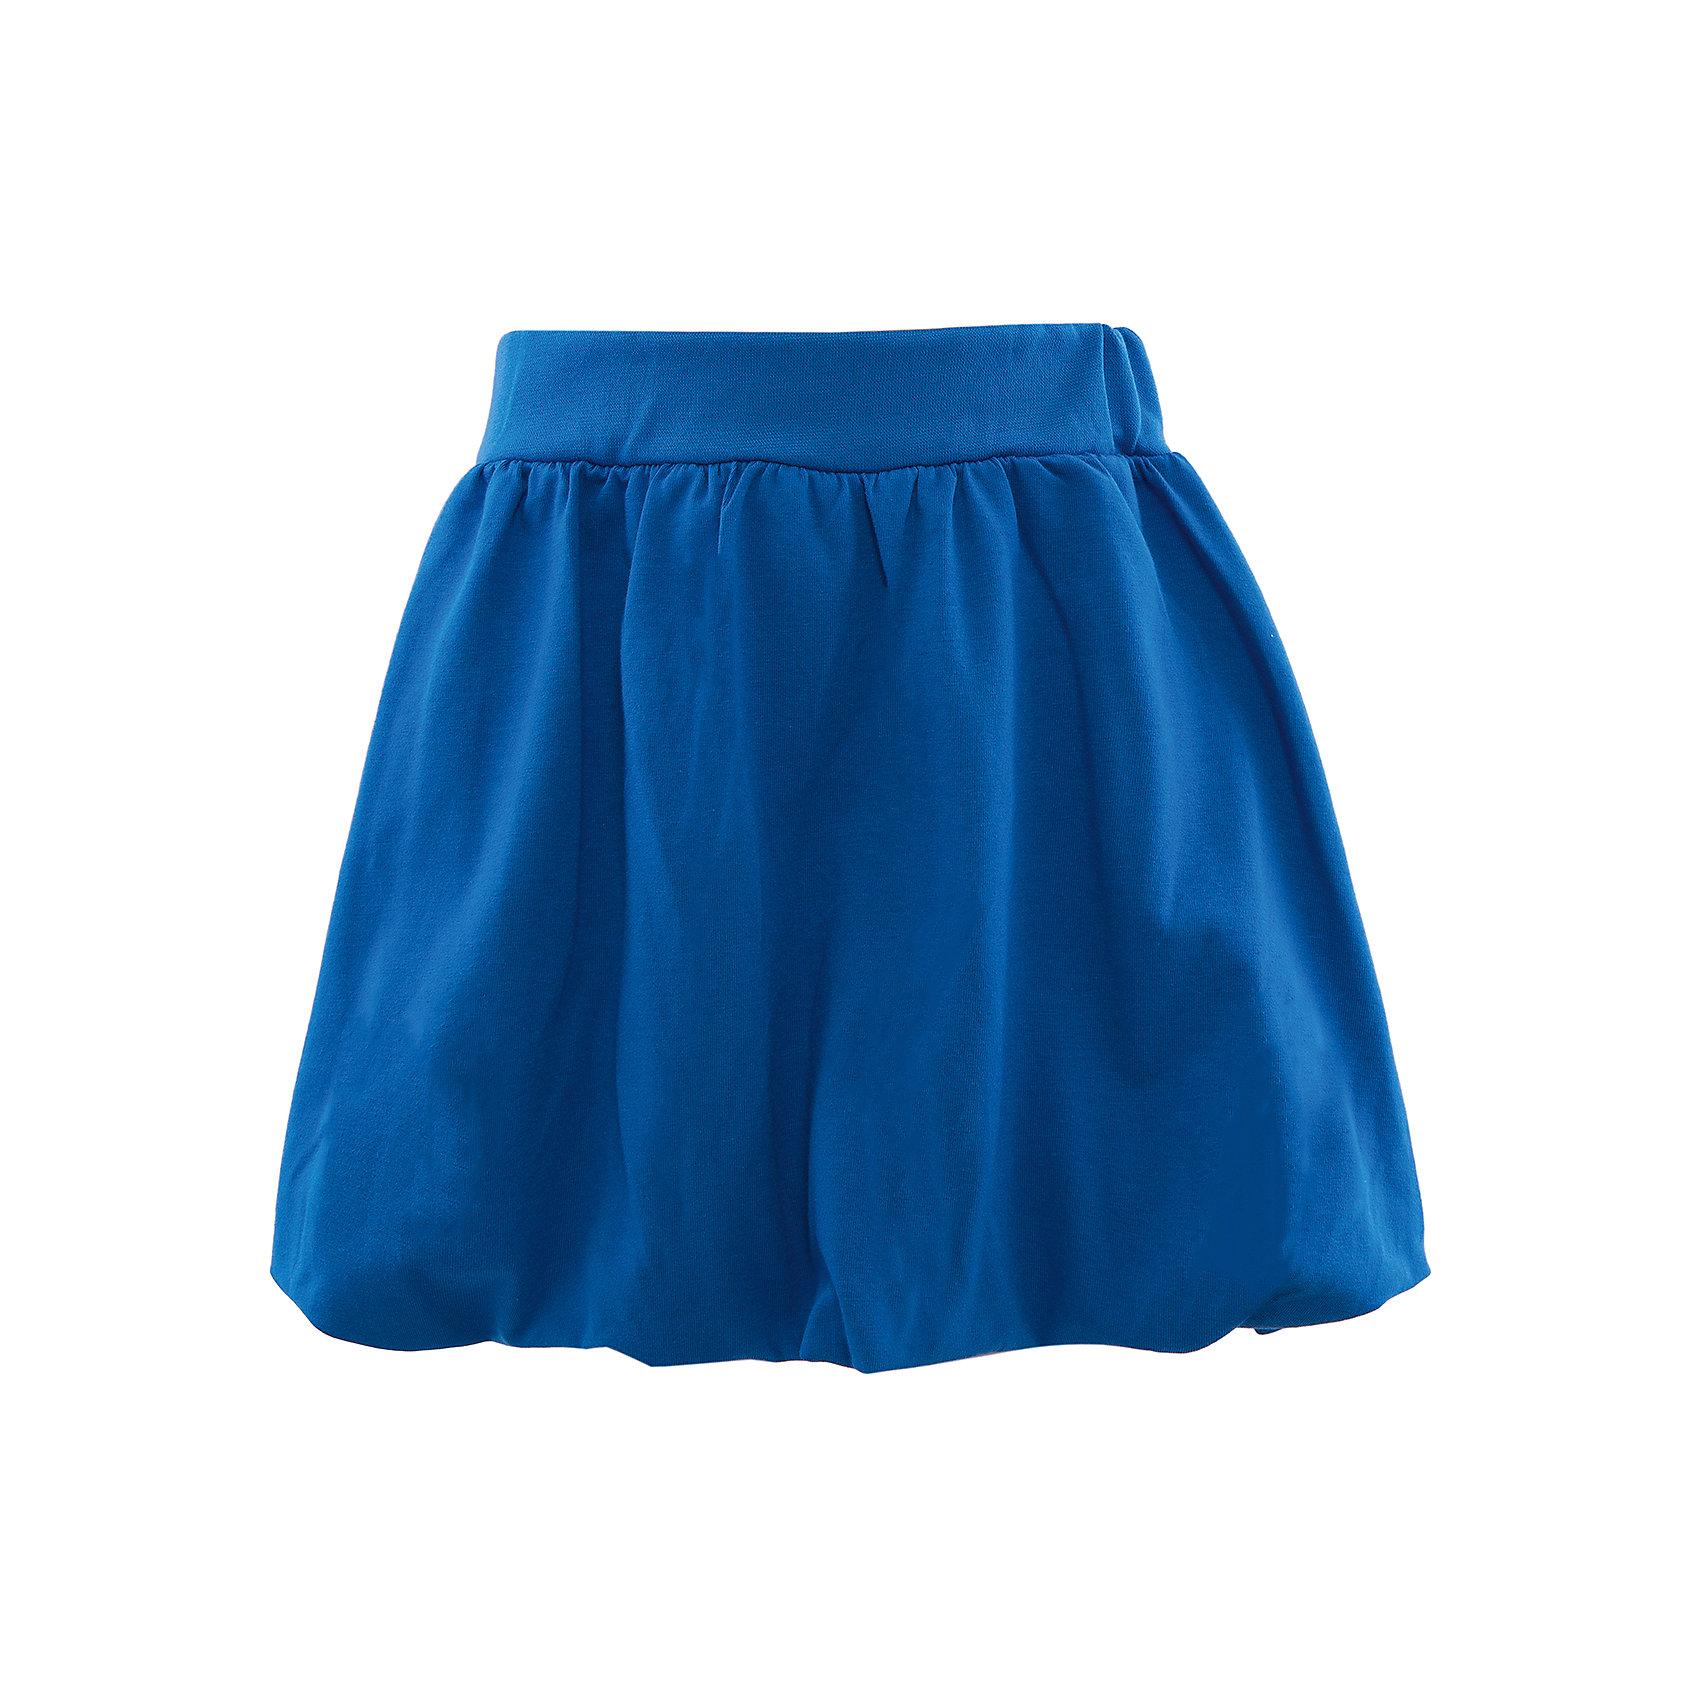 Юбка АпрельПышная юбка выполнена из мягкого хлопка, имеет широкий эластичный пояс. Оригинальный дизайн и модная расцветка делают ее незаменимым предметом детского гардероба. Состав: 92% хлопок, 8% лайкра<br><br>Ширина мм: 207<br>Глубина мм: 10<br>Высота мм: 189<br>Вес г: 183<br>Цвет: синий<br>Возраст от месяцев: 24<br>Возраст до месяцев: 36<br>Пол: Женский<br>Возраст: Детский<br>Размер: 98,128,104,110,116,122<br>SKU: 4630797